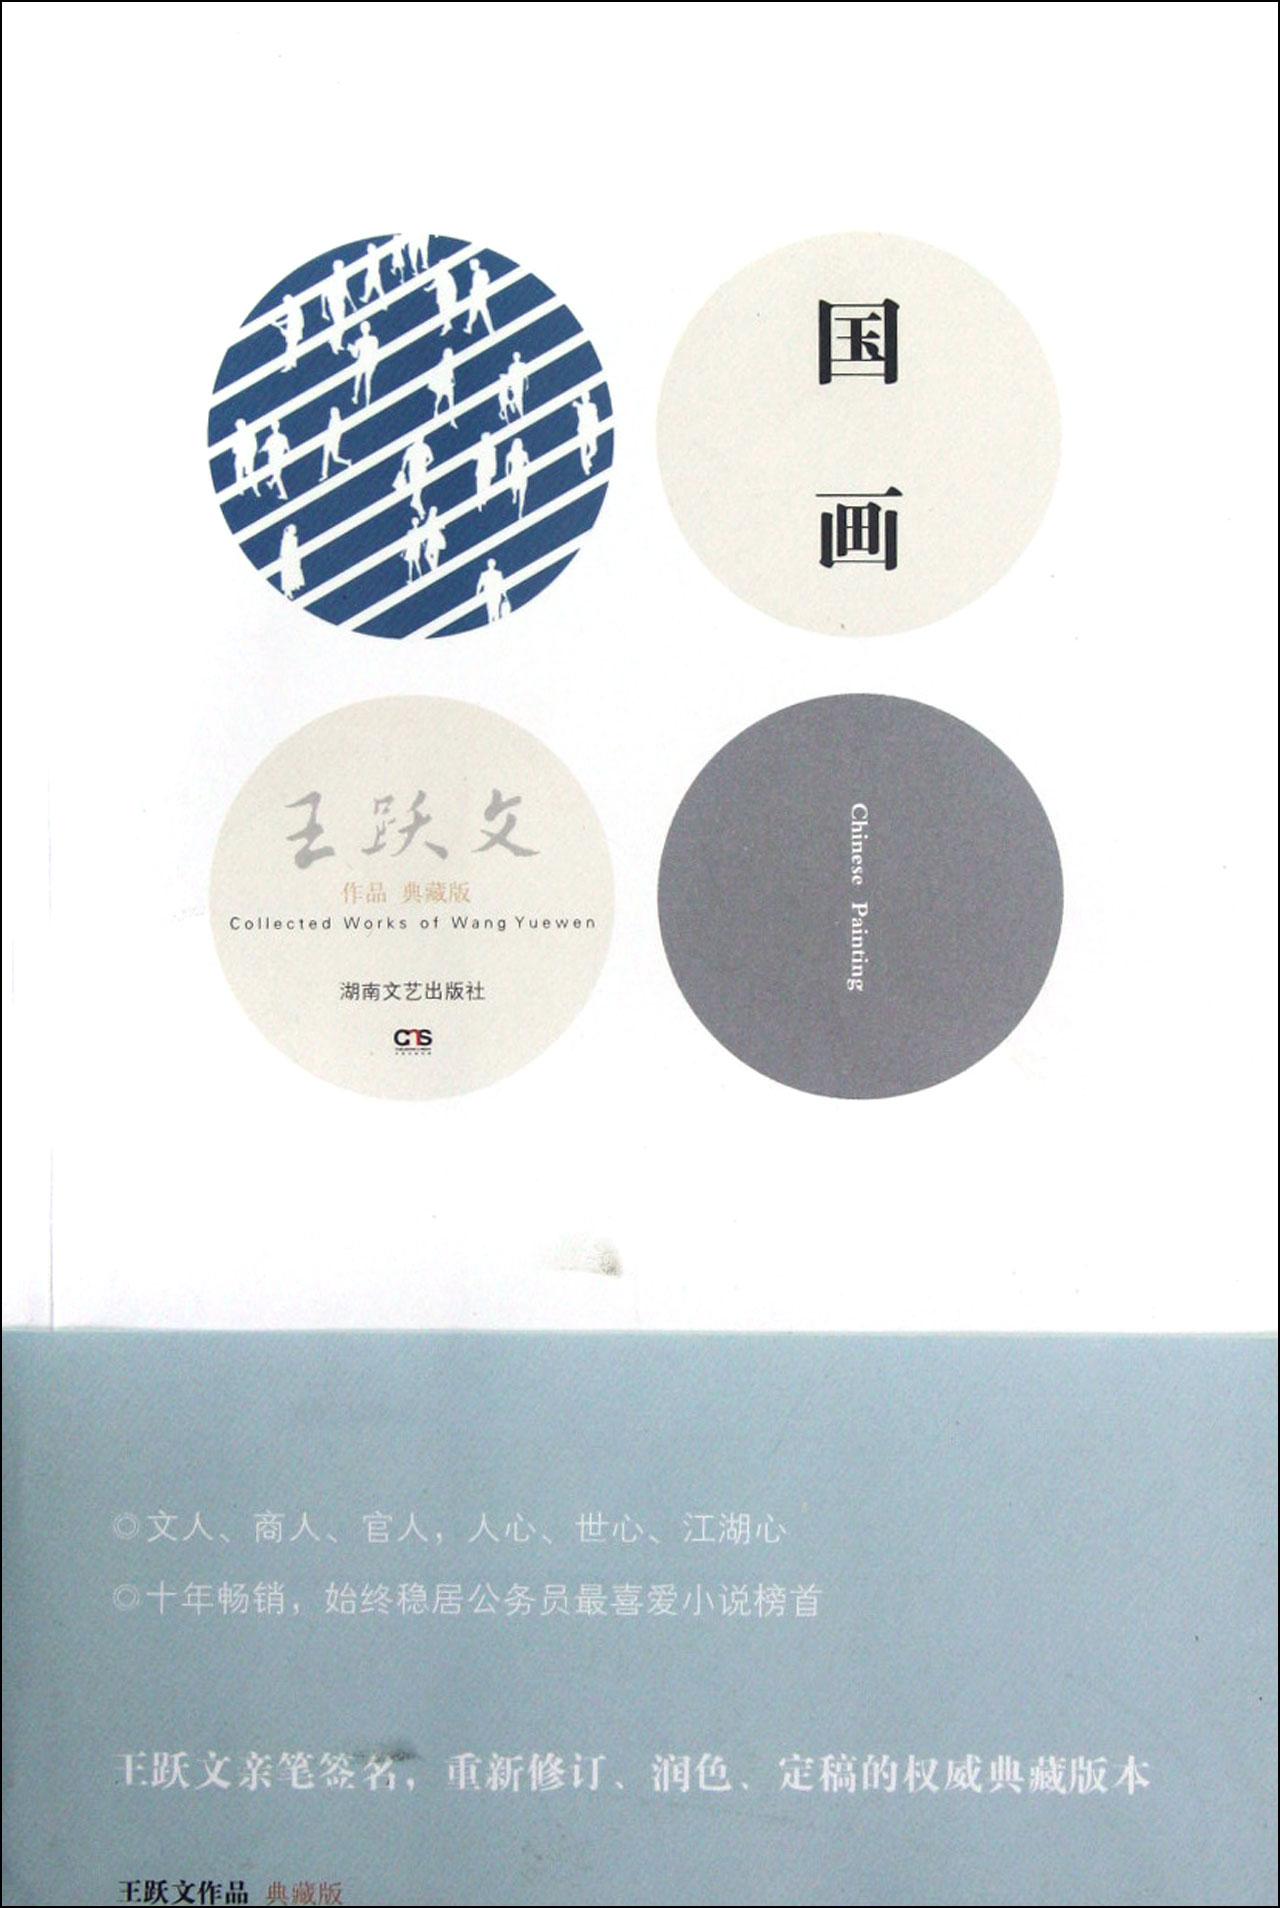 王跃文作品_国画(王跃文作品典藏版)                   价格: ¥39.